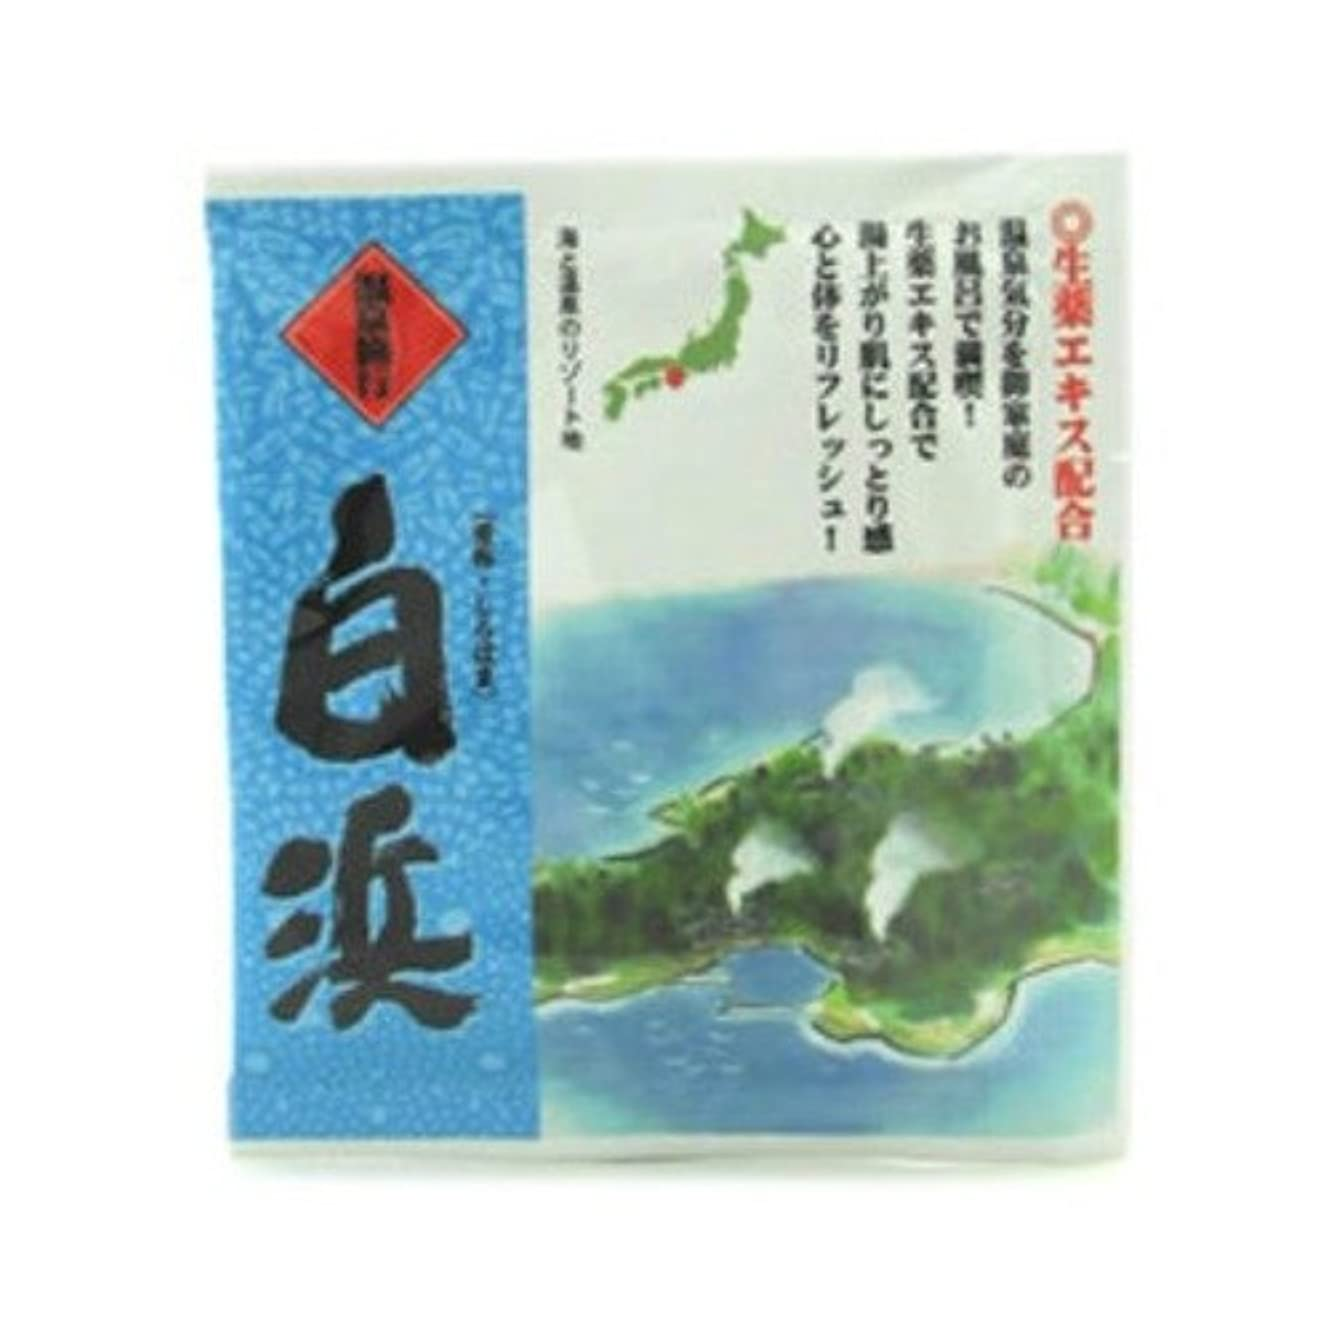 五洲薬品 温泉旅行 白浜 25g 4987332128205